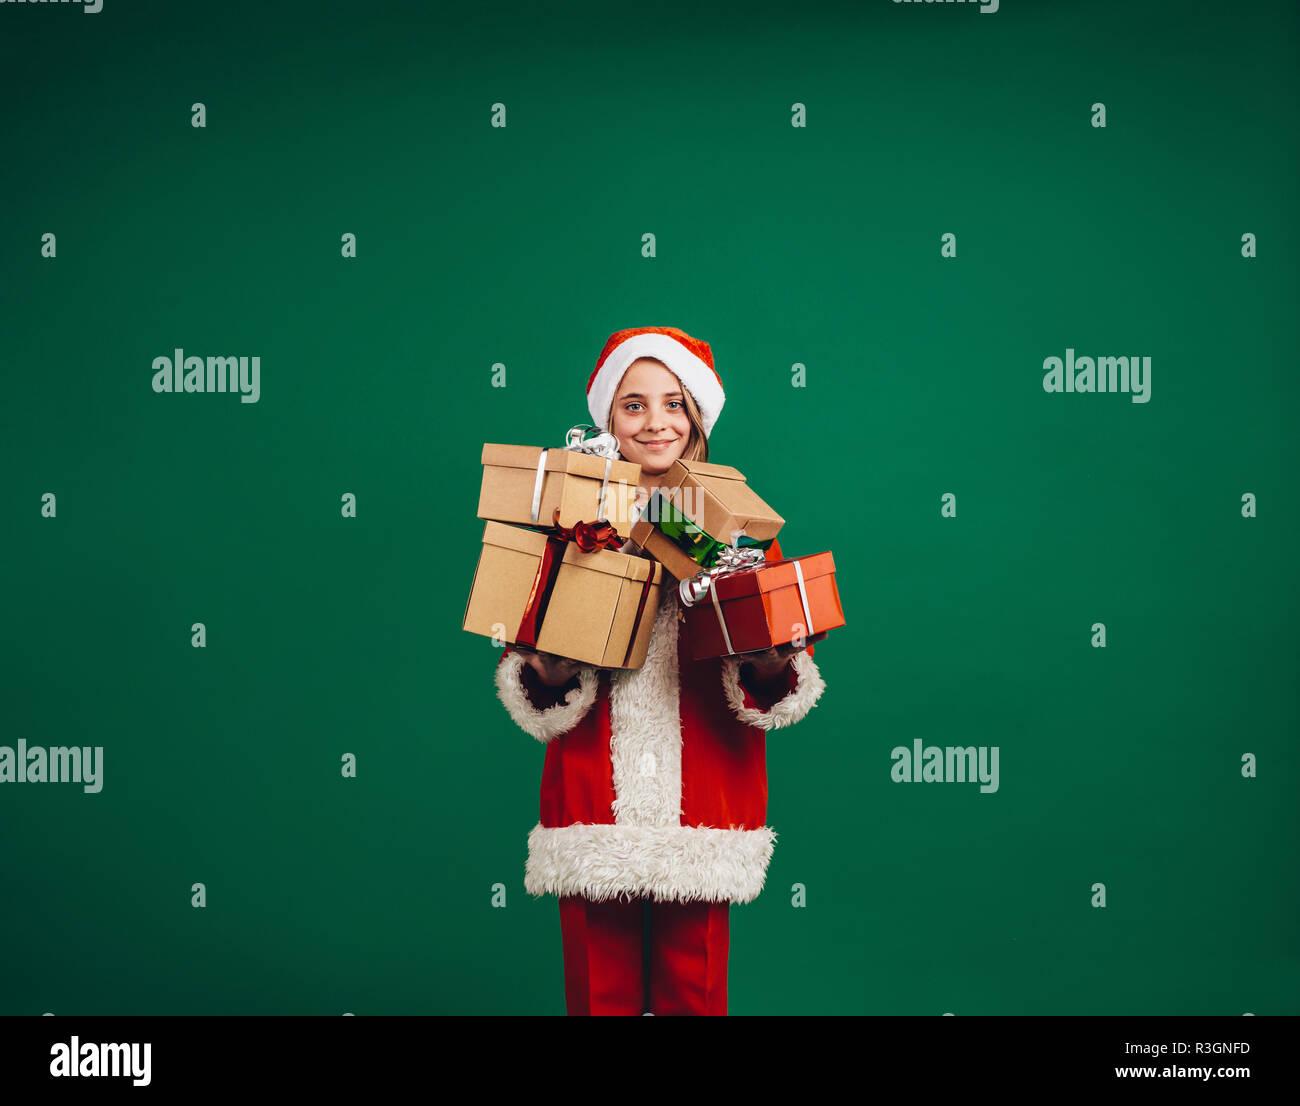 Regali Di Natale Ragazza.Ragazza Vestita Come Santa Tenendo I Regali Di Natale In Piedi